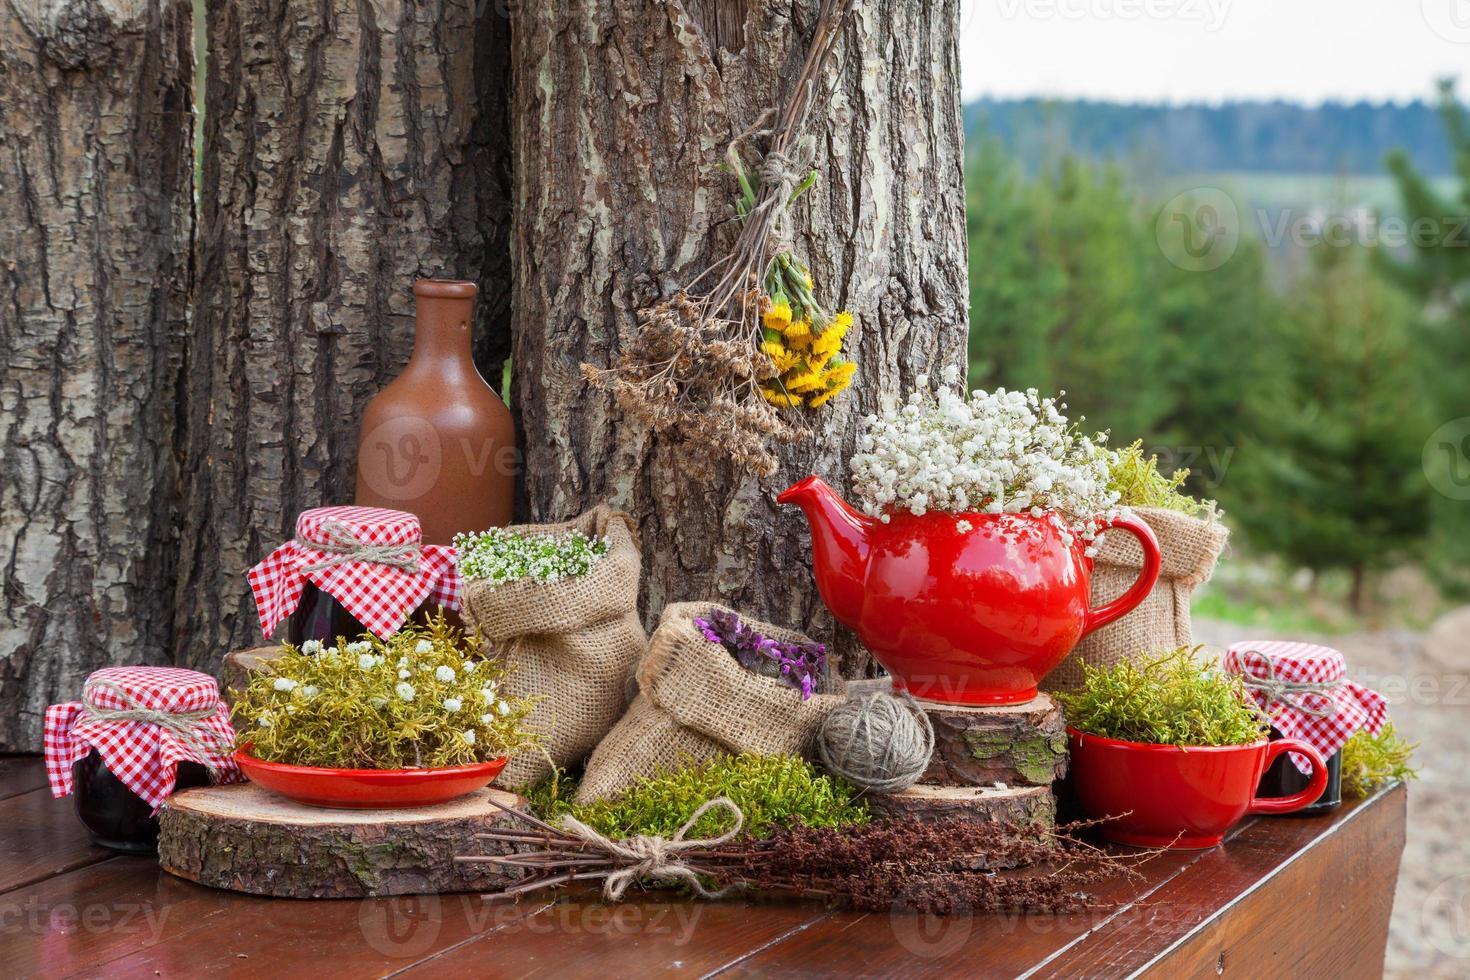 Beutel mit Heilkräutern, roter Teekanne und Marmeladengläsern foto